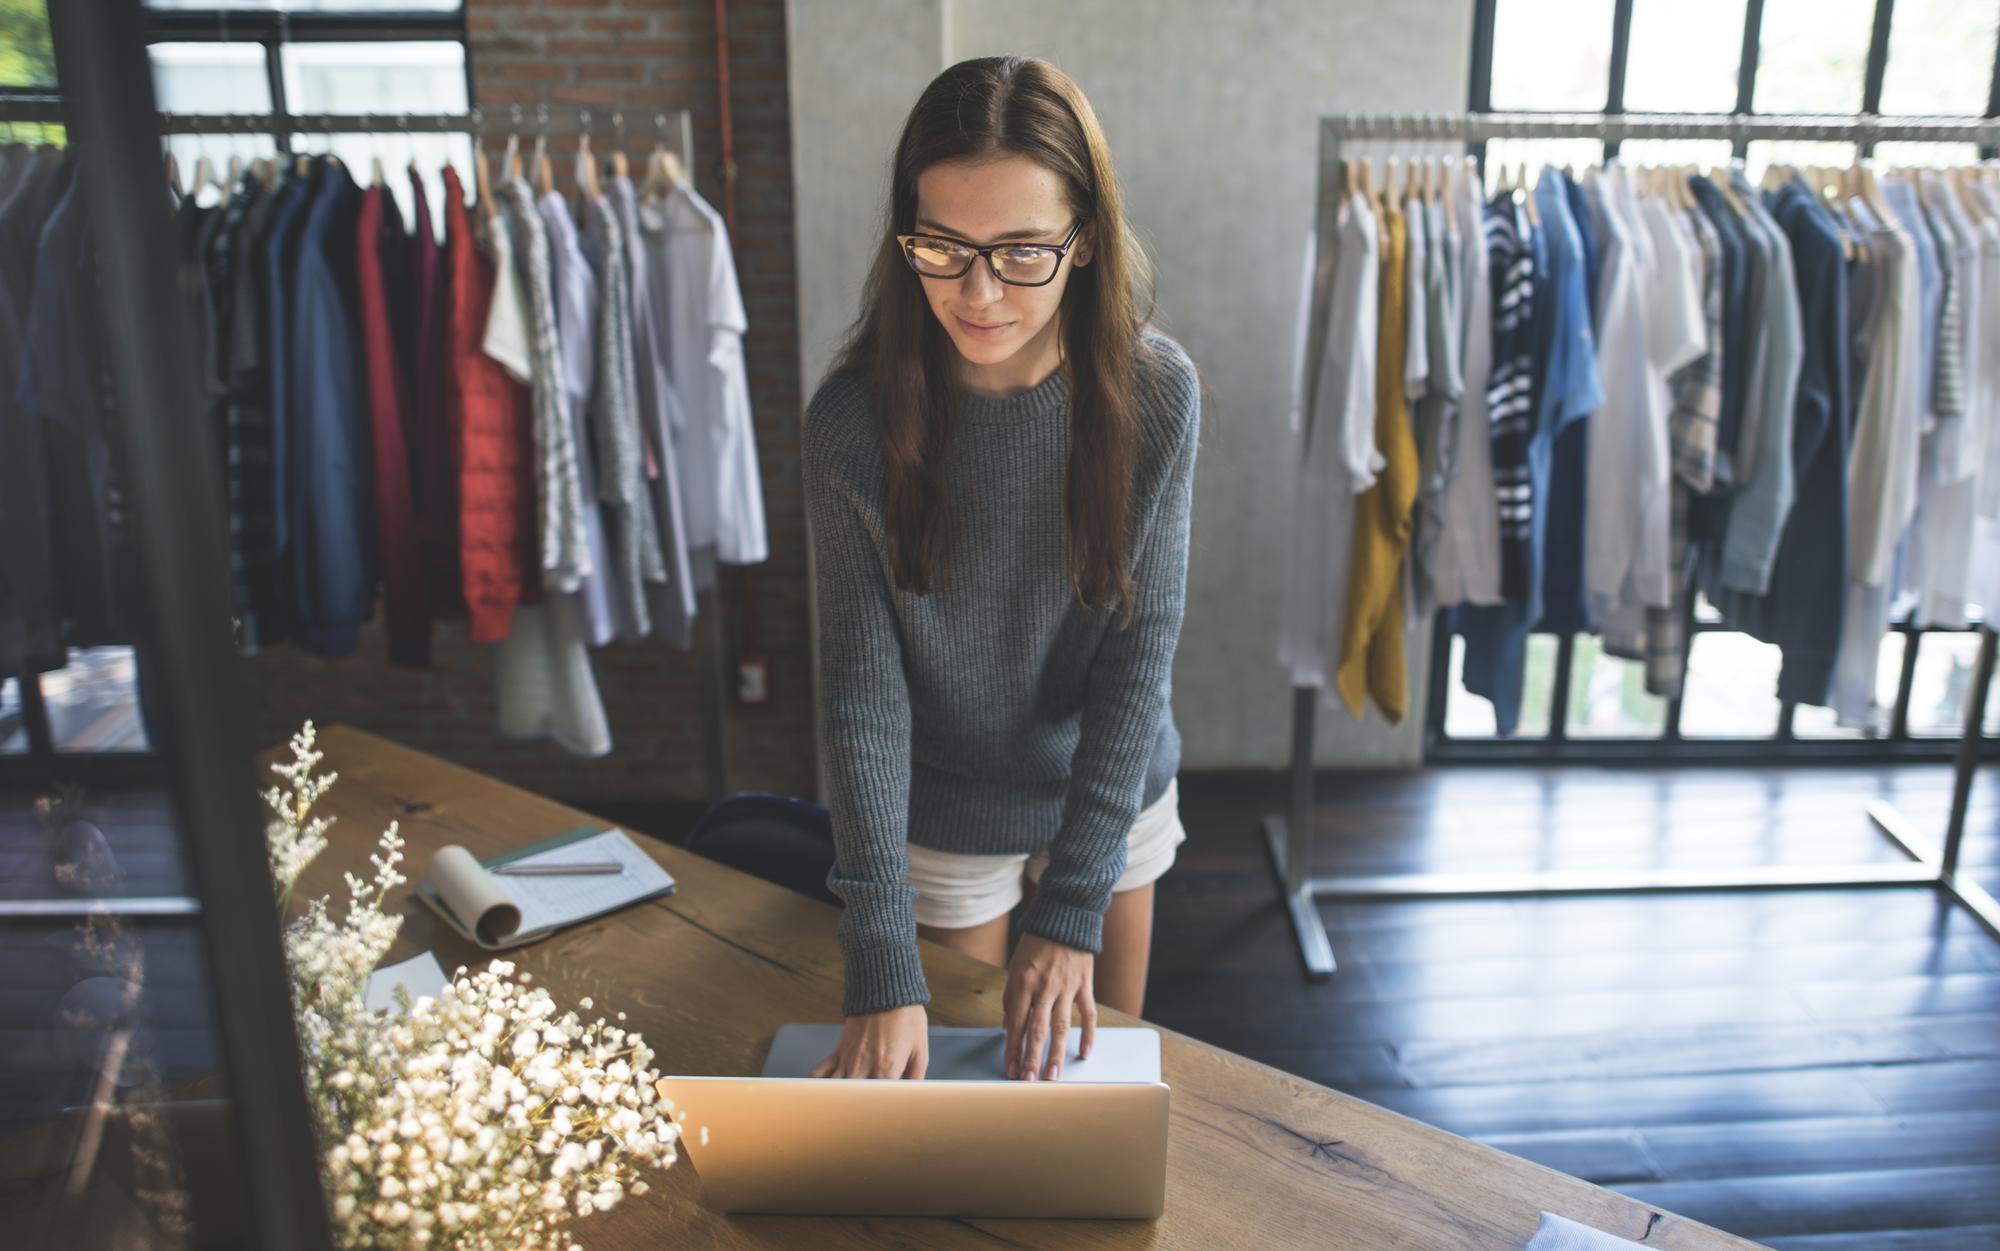 102b0c273a006e Atacado de roupa online: as vantagens de comprar com a Revanche ...